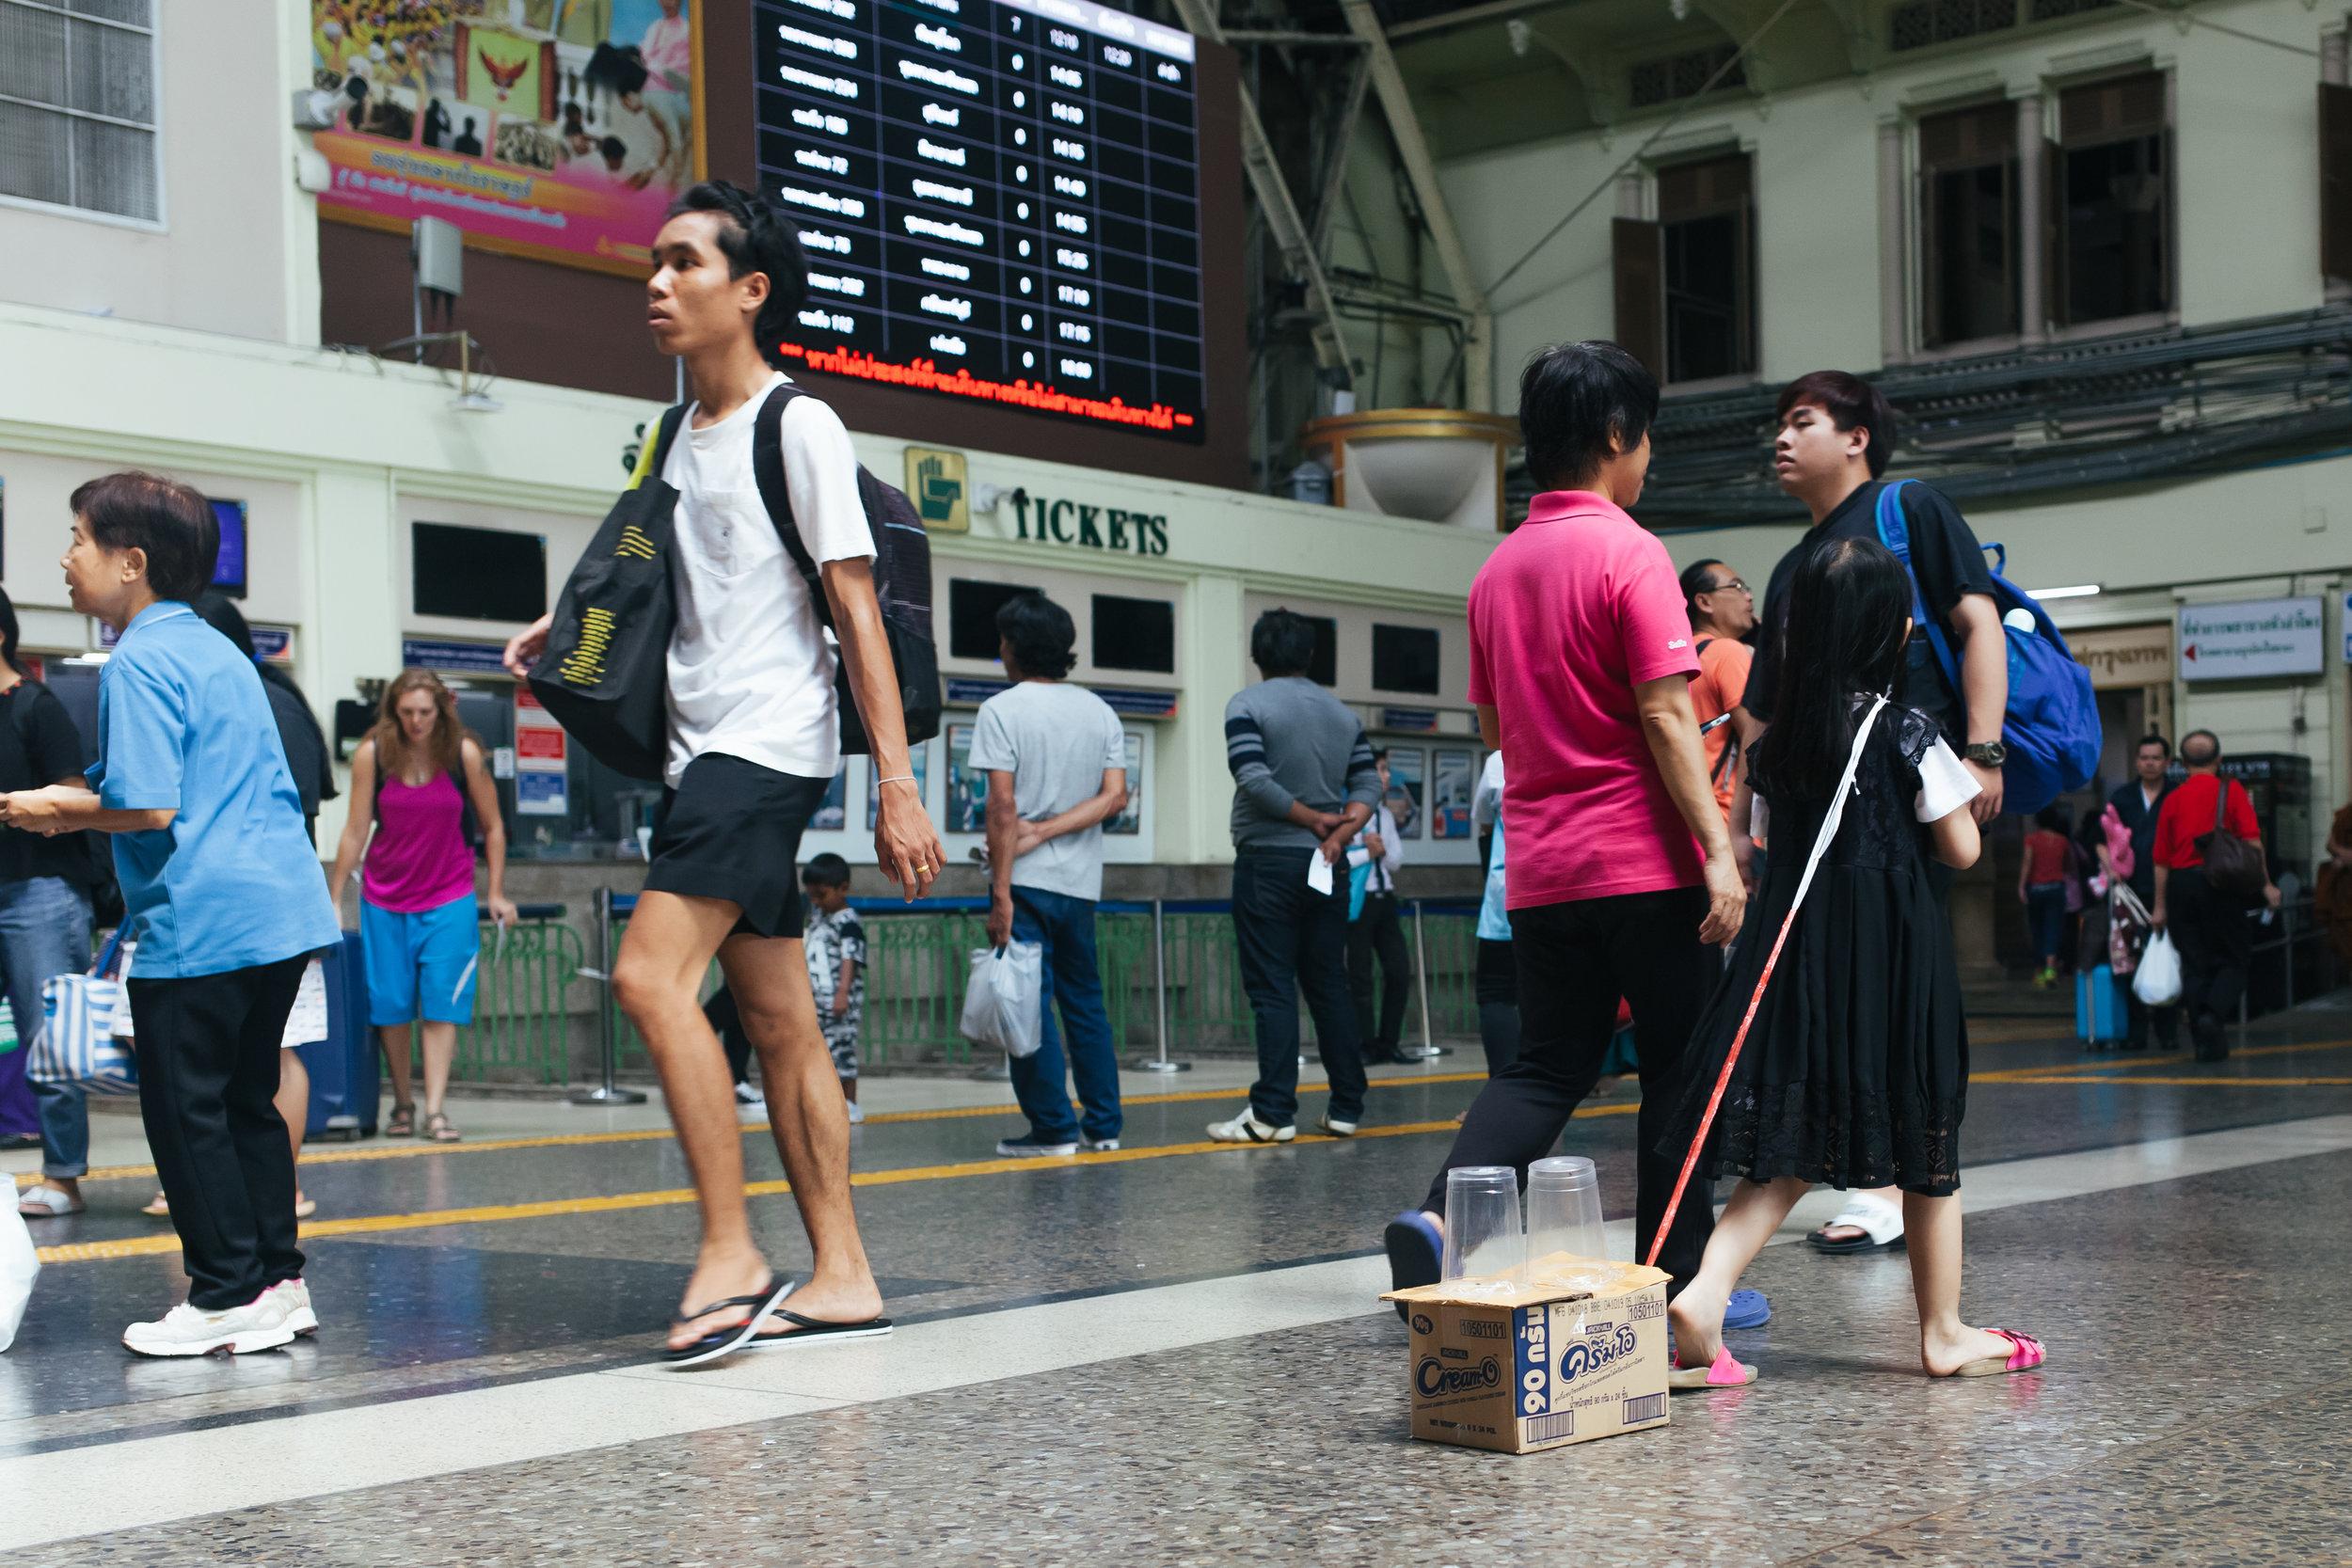 thailand_lampang_ayuthaya_train (72 of 77).jpg